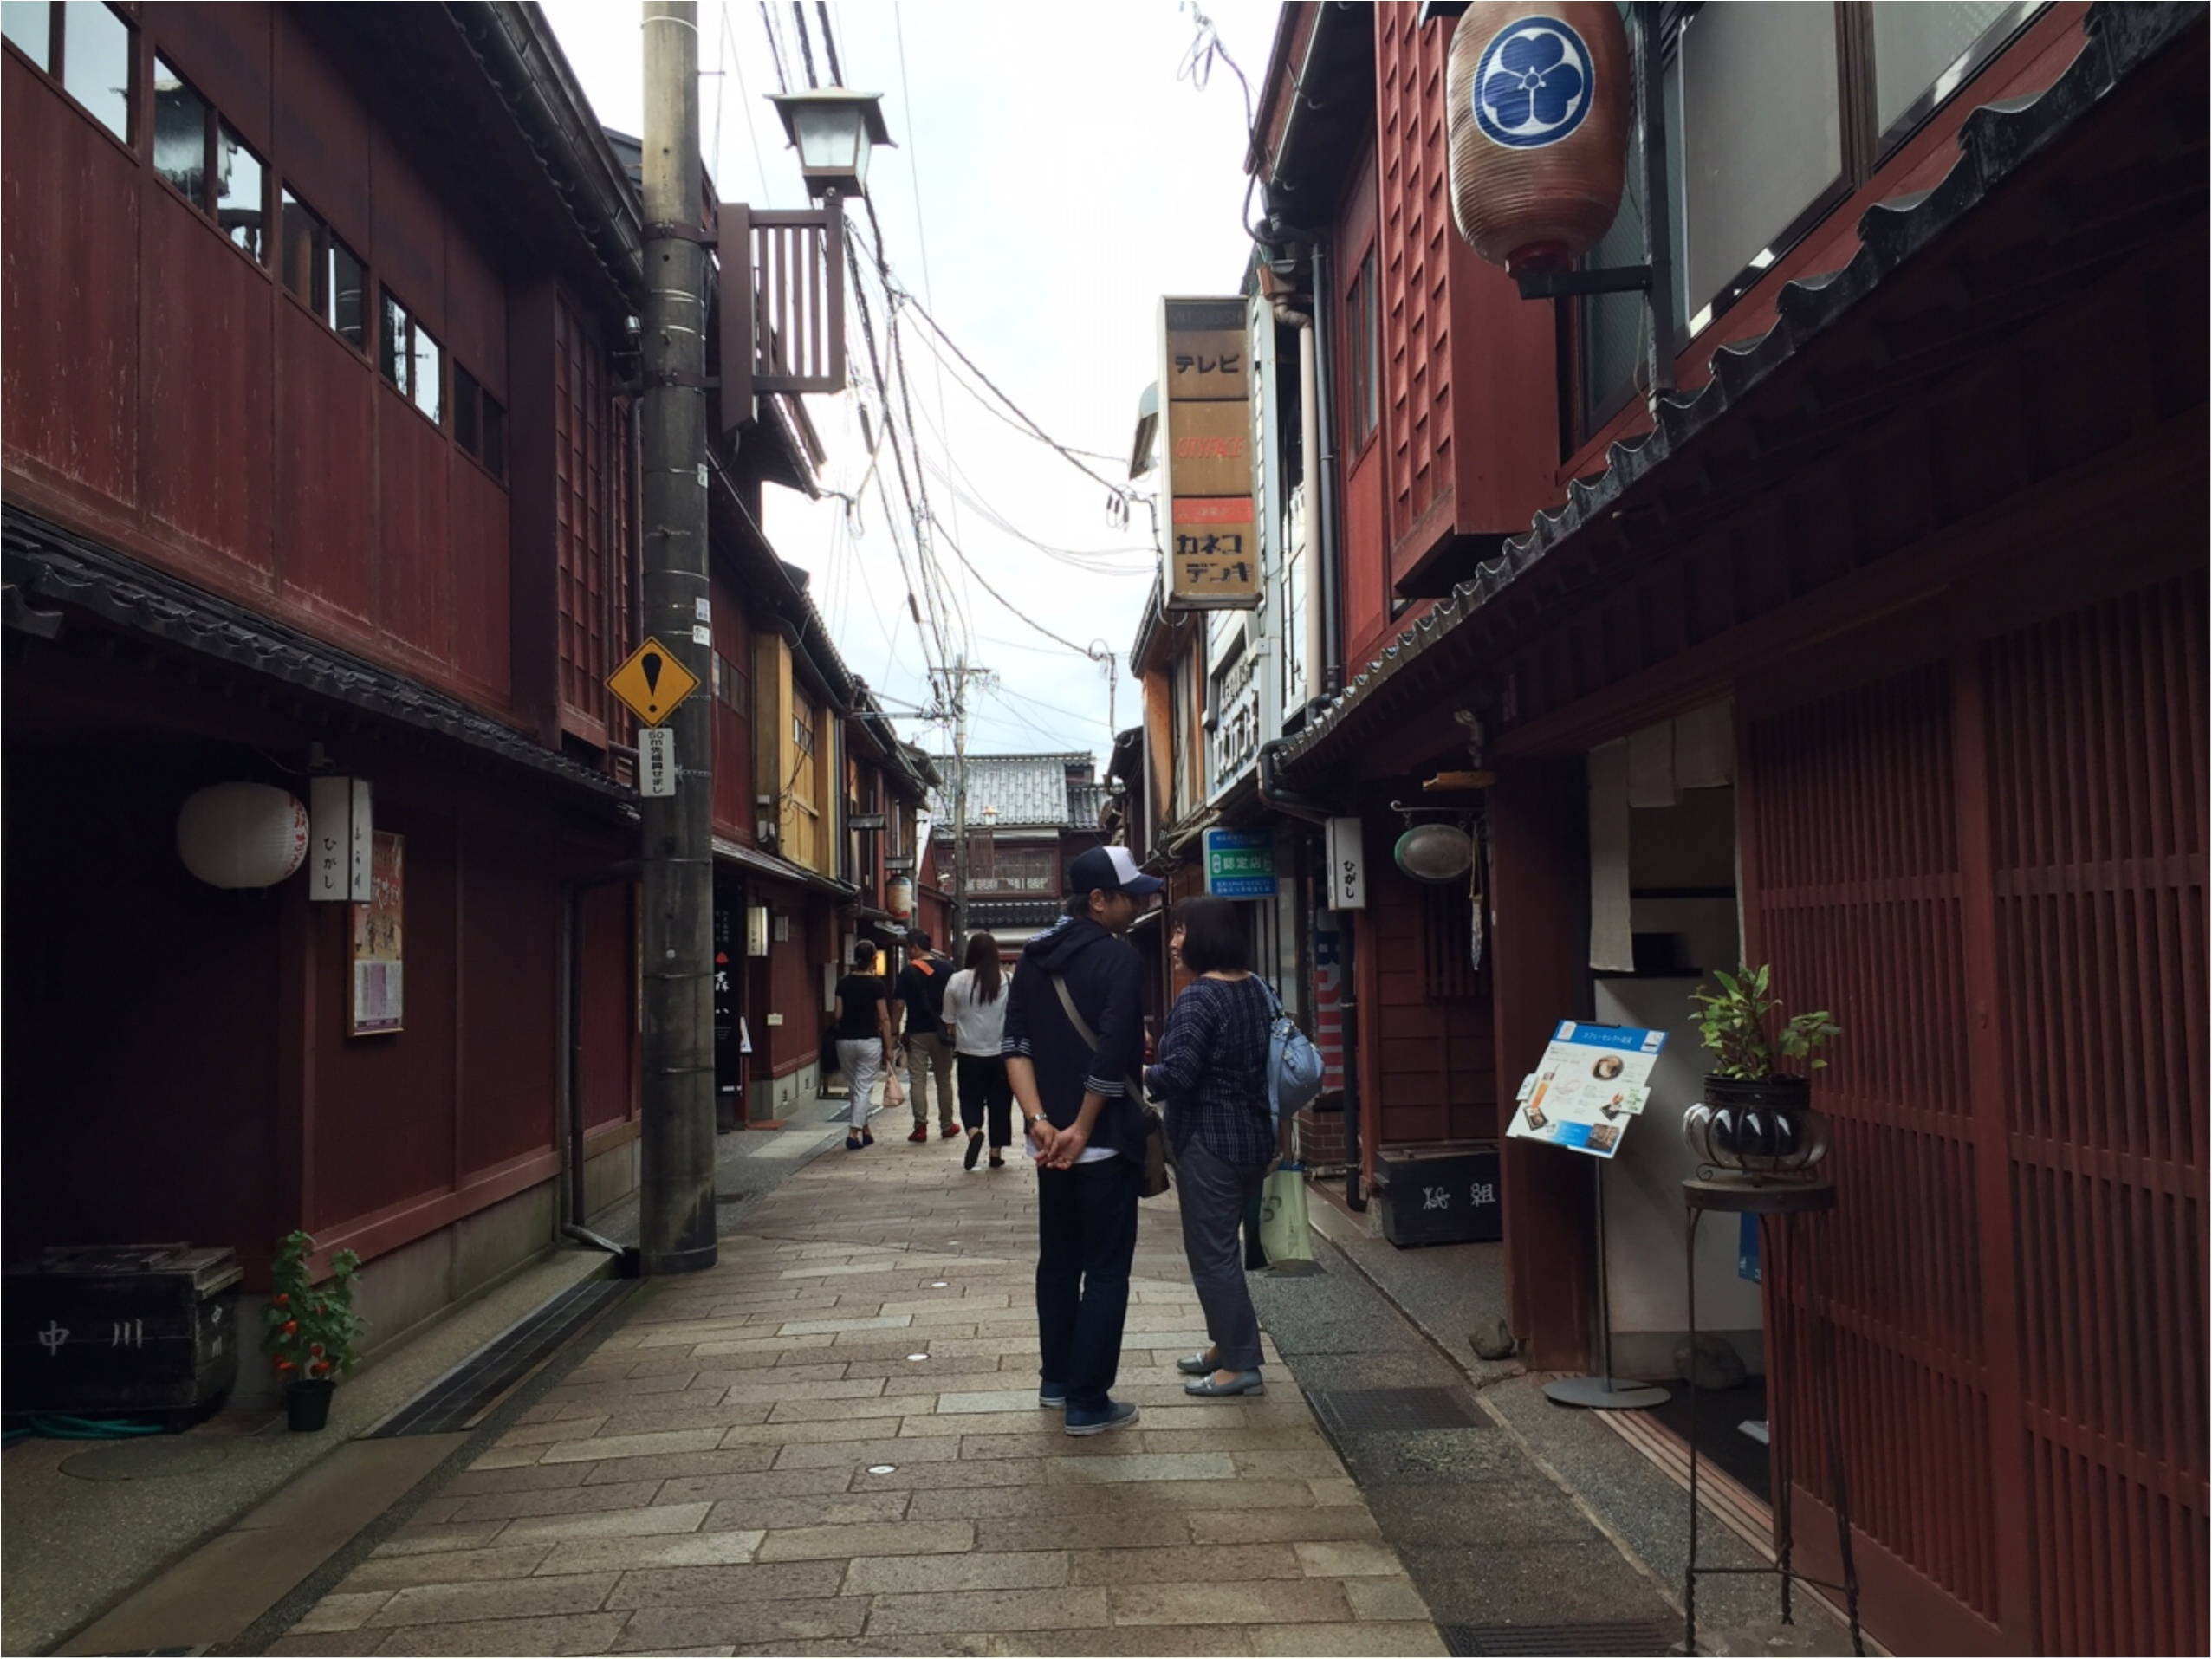 金沢女子旅特集 - 日帰り・週末旅行に! 金沢21世紀美術館など観光地やグルメまとめ_23